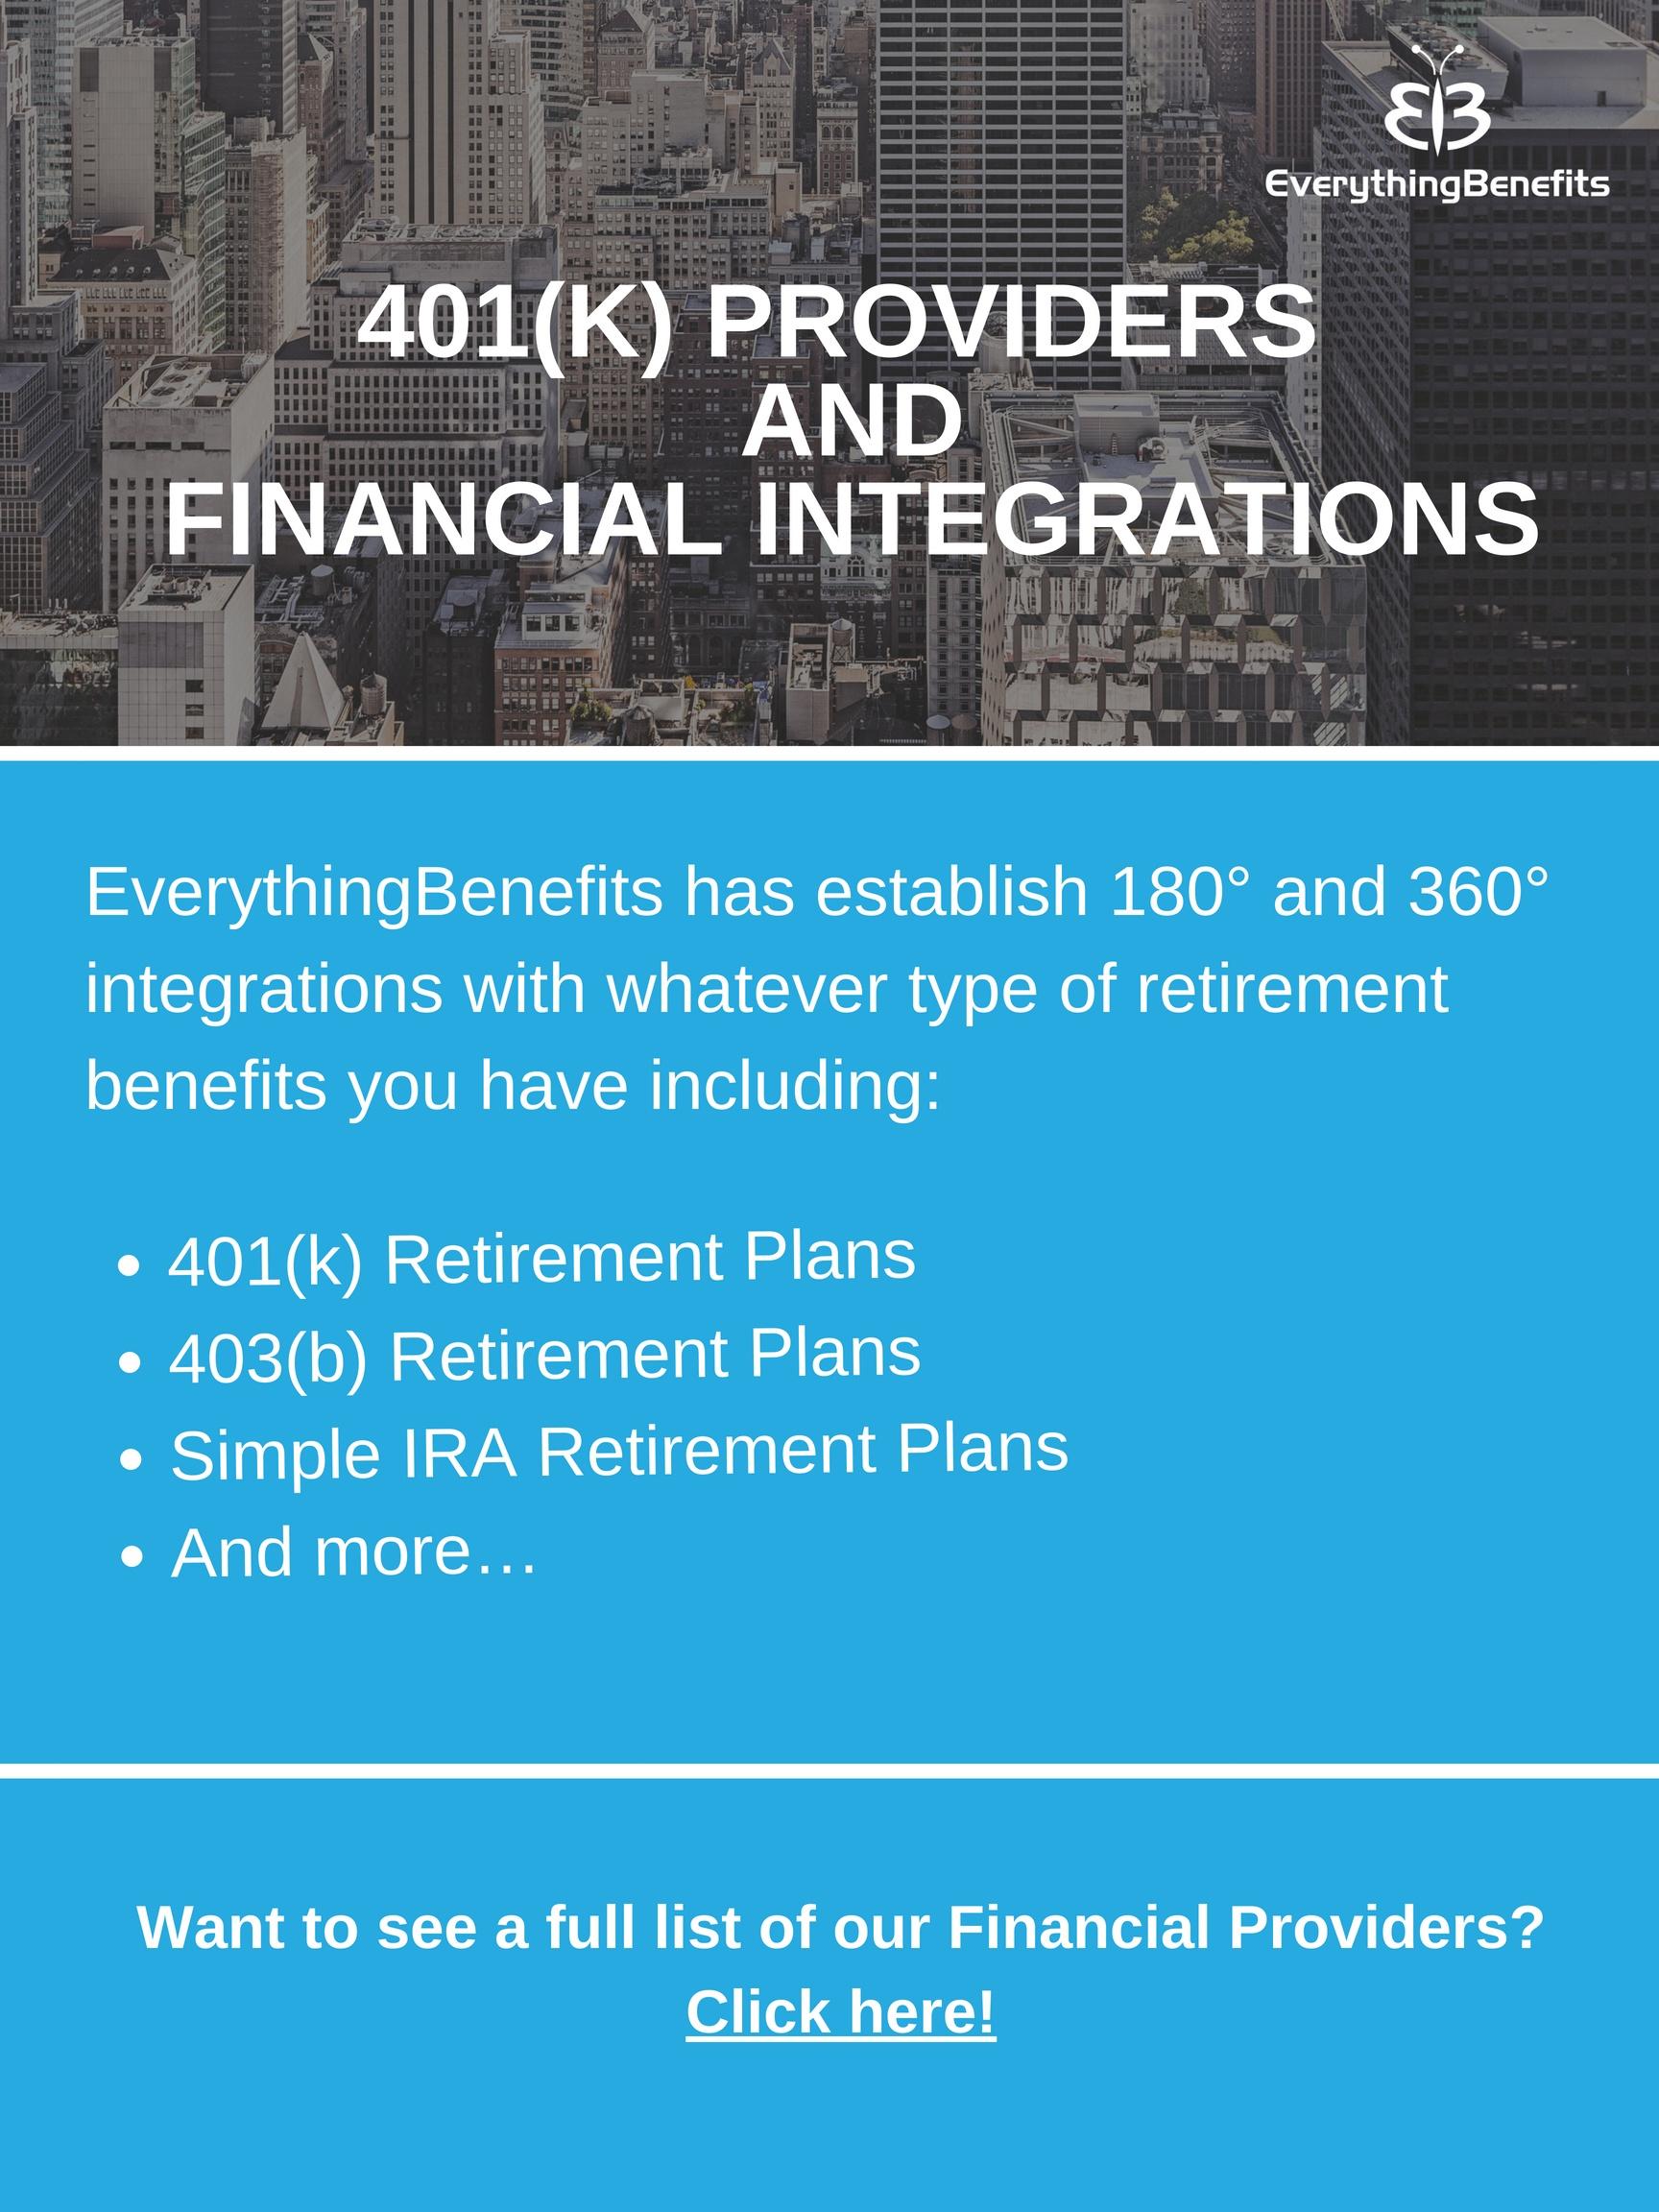 financial integrations-1.jpg